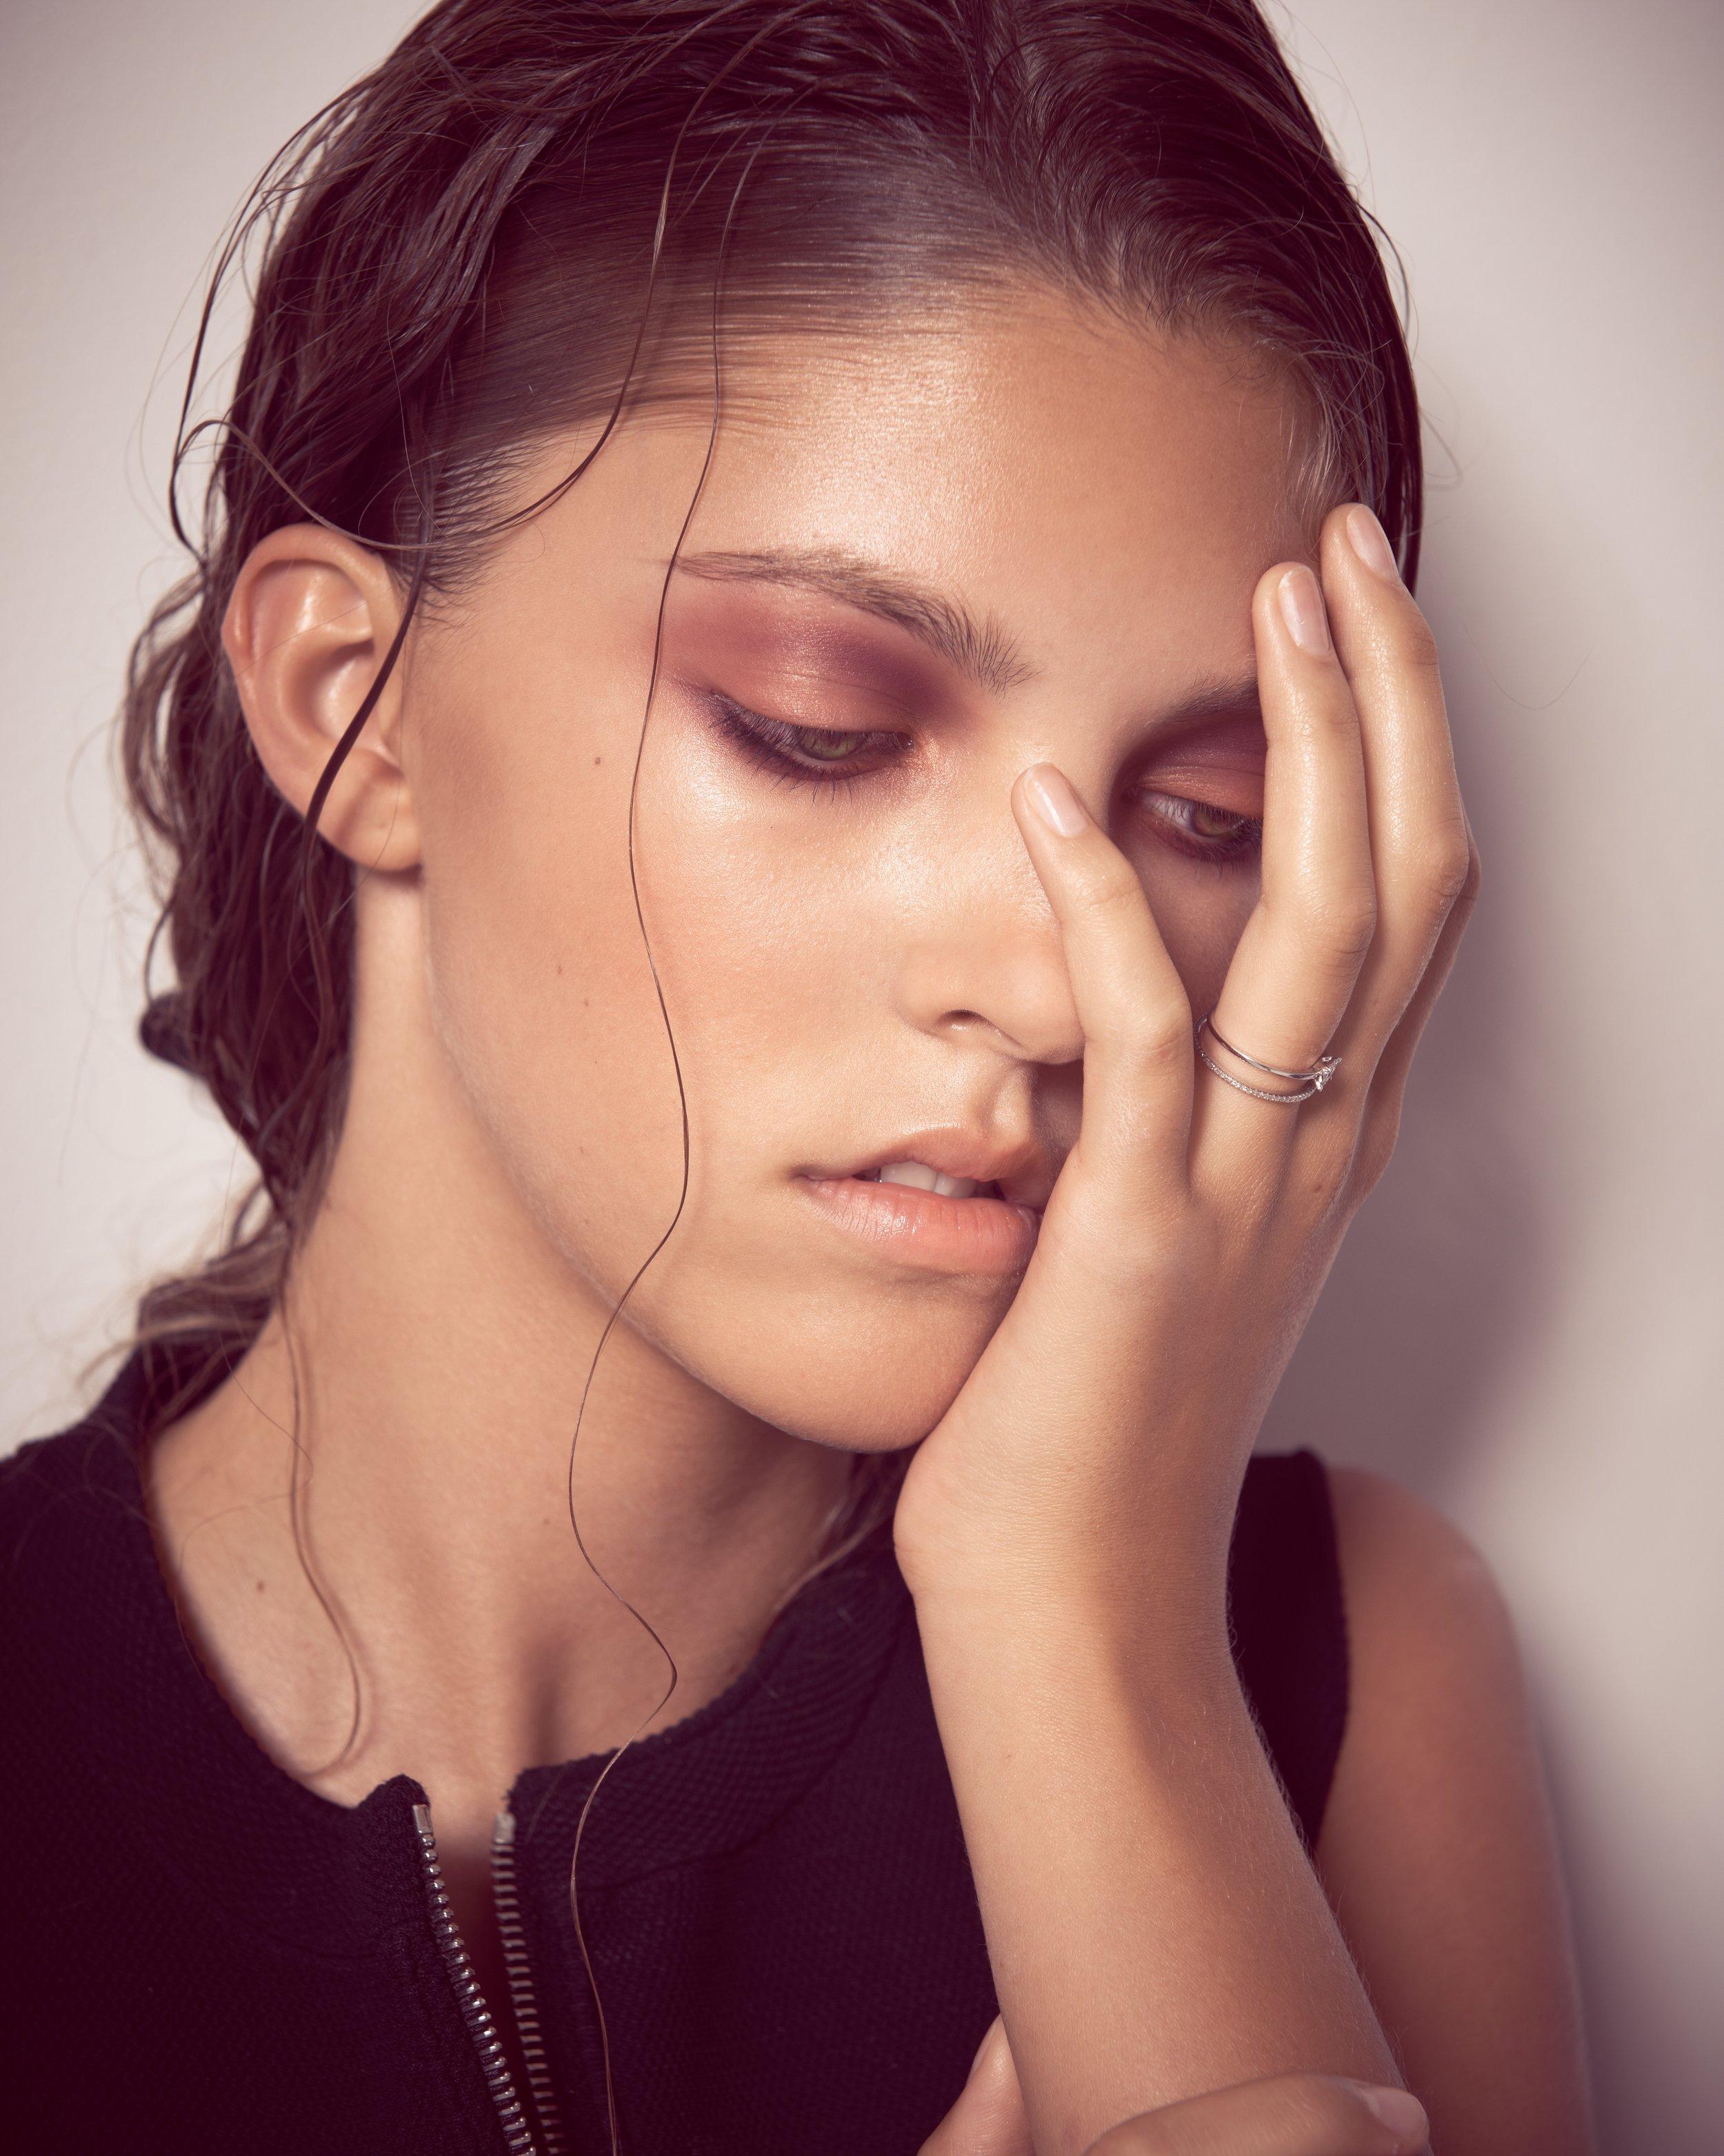 Andreas Ortner Luna Elisa Federowicz Visagistin Hair&Make-up Artist